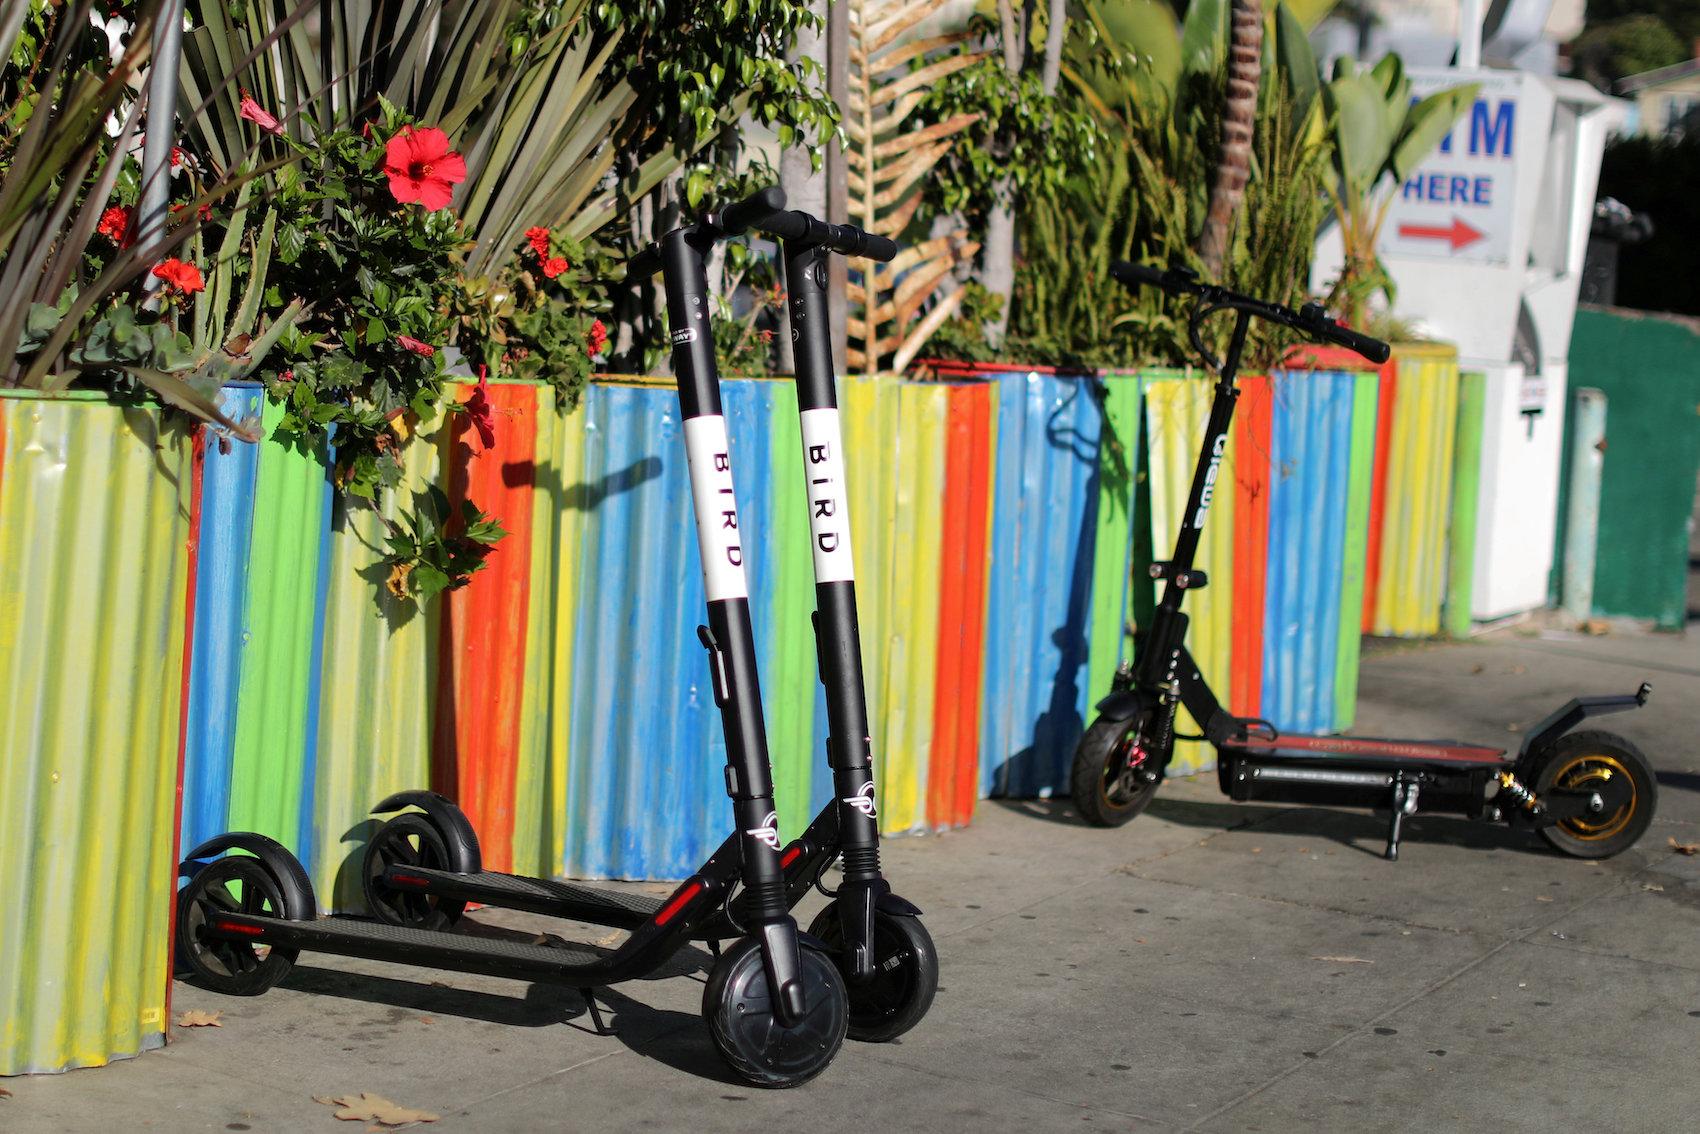 Monopattini Bird in attesa di clienti a Santa Monica (USA). (Reuters/Lucy Nicholson)